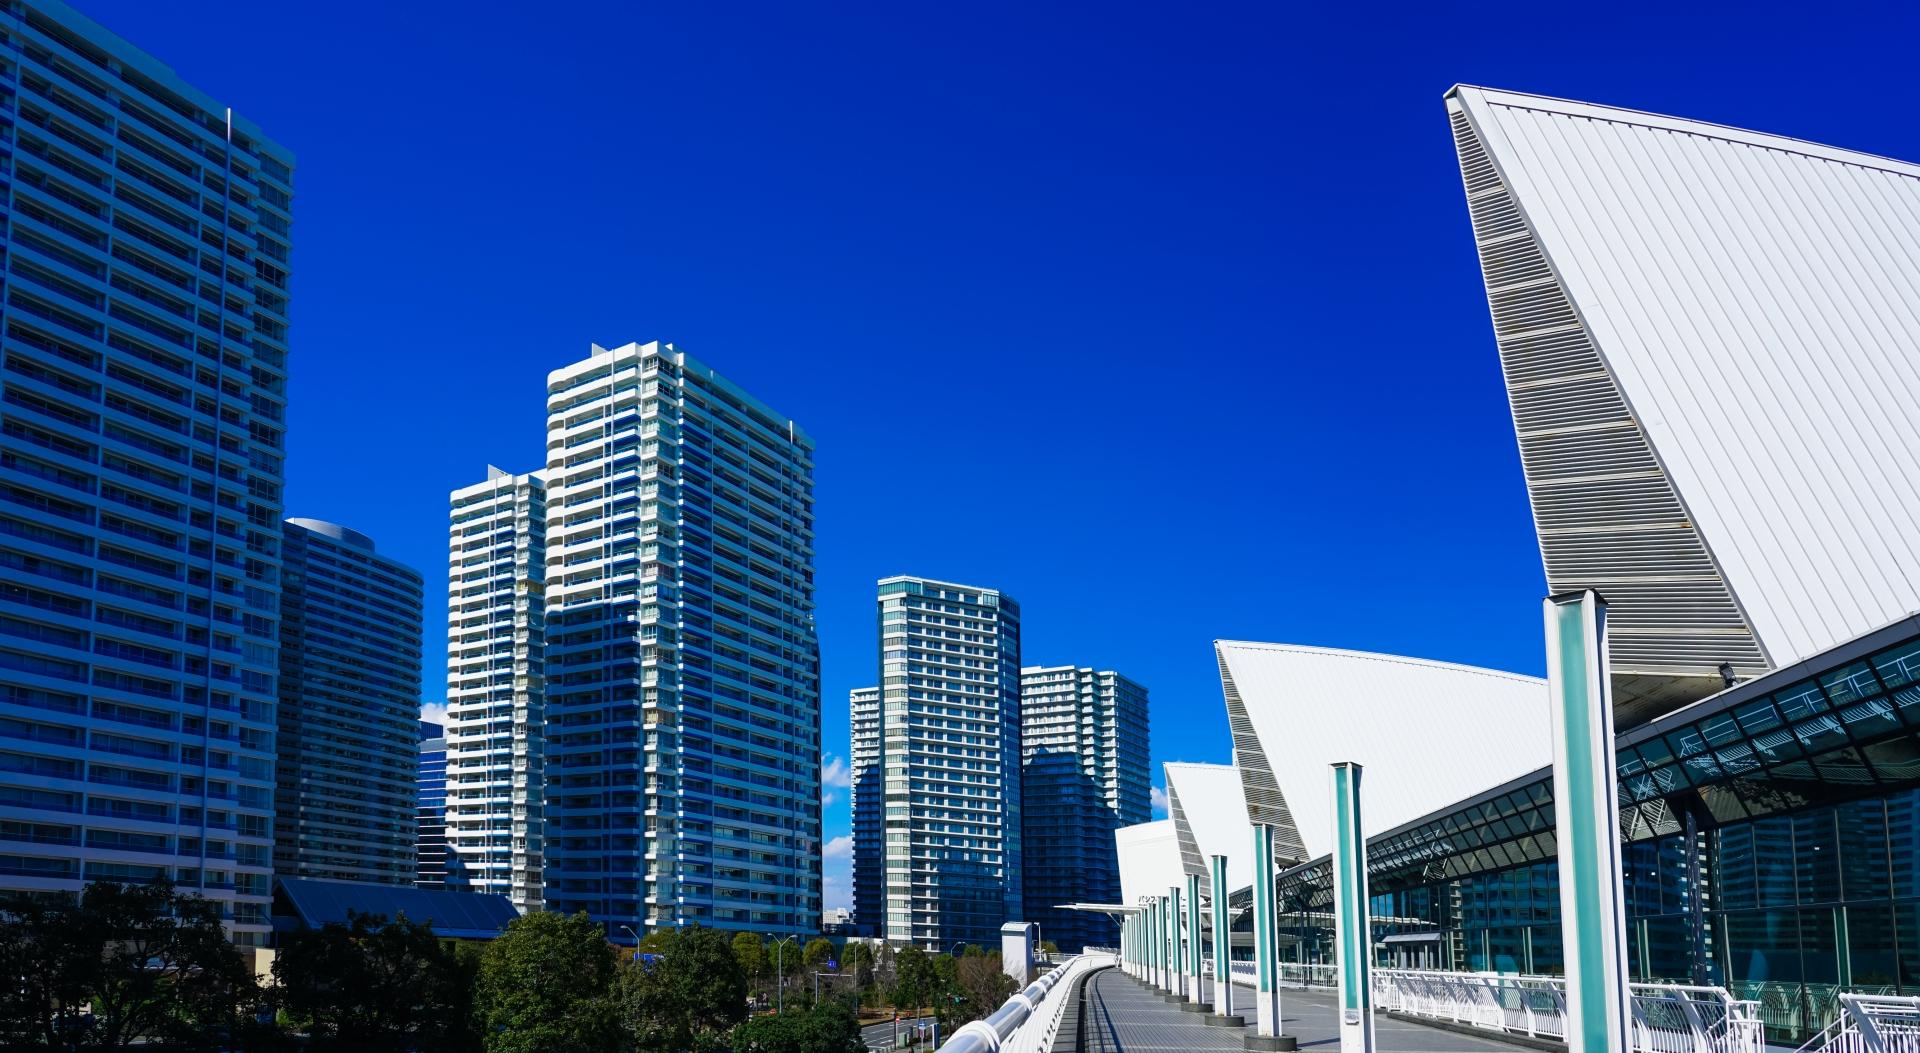 4780688 m - 都内の中小企業者が展示会出展で活用できる東京都市場開拓助成事業